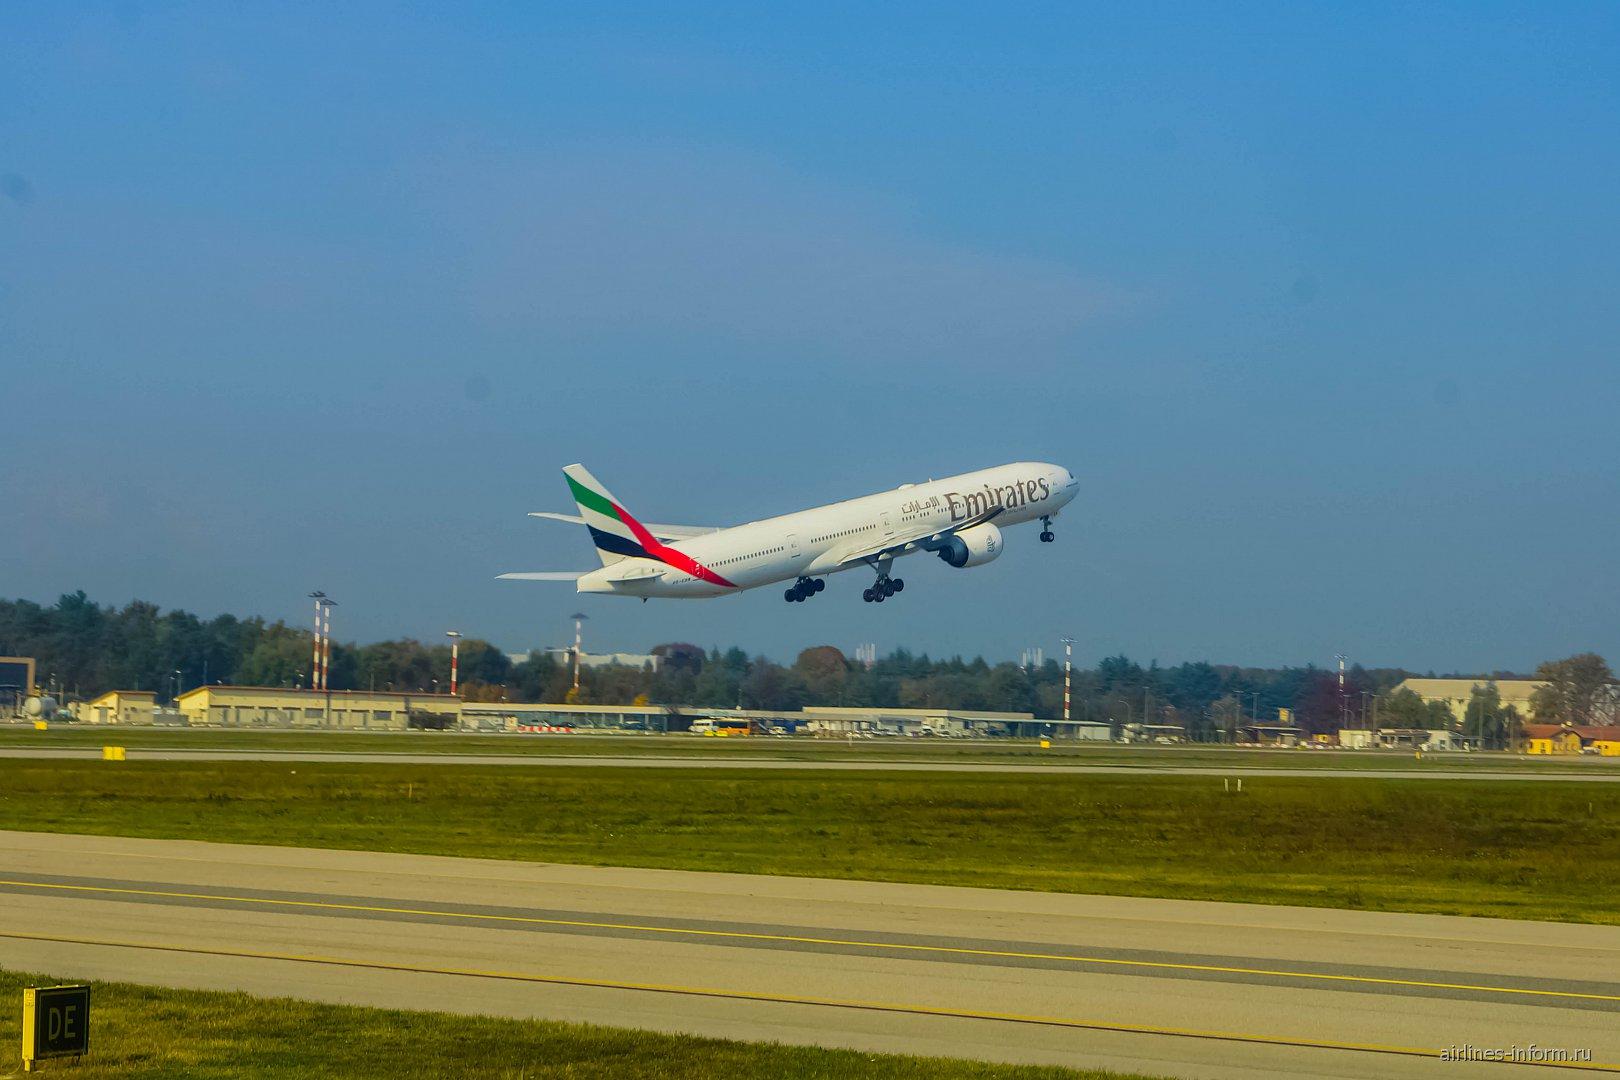 Боинг-777-300 Emirates взлетает из аэропорта Милан Мальпенса